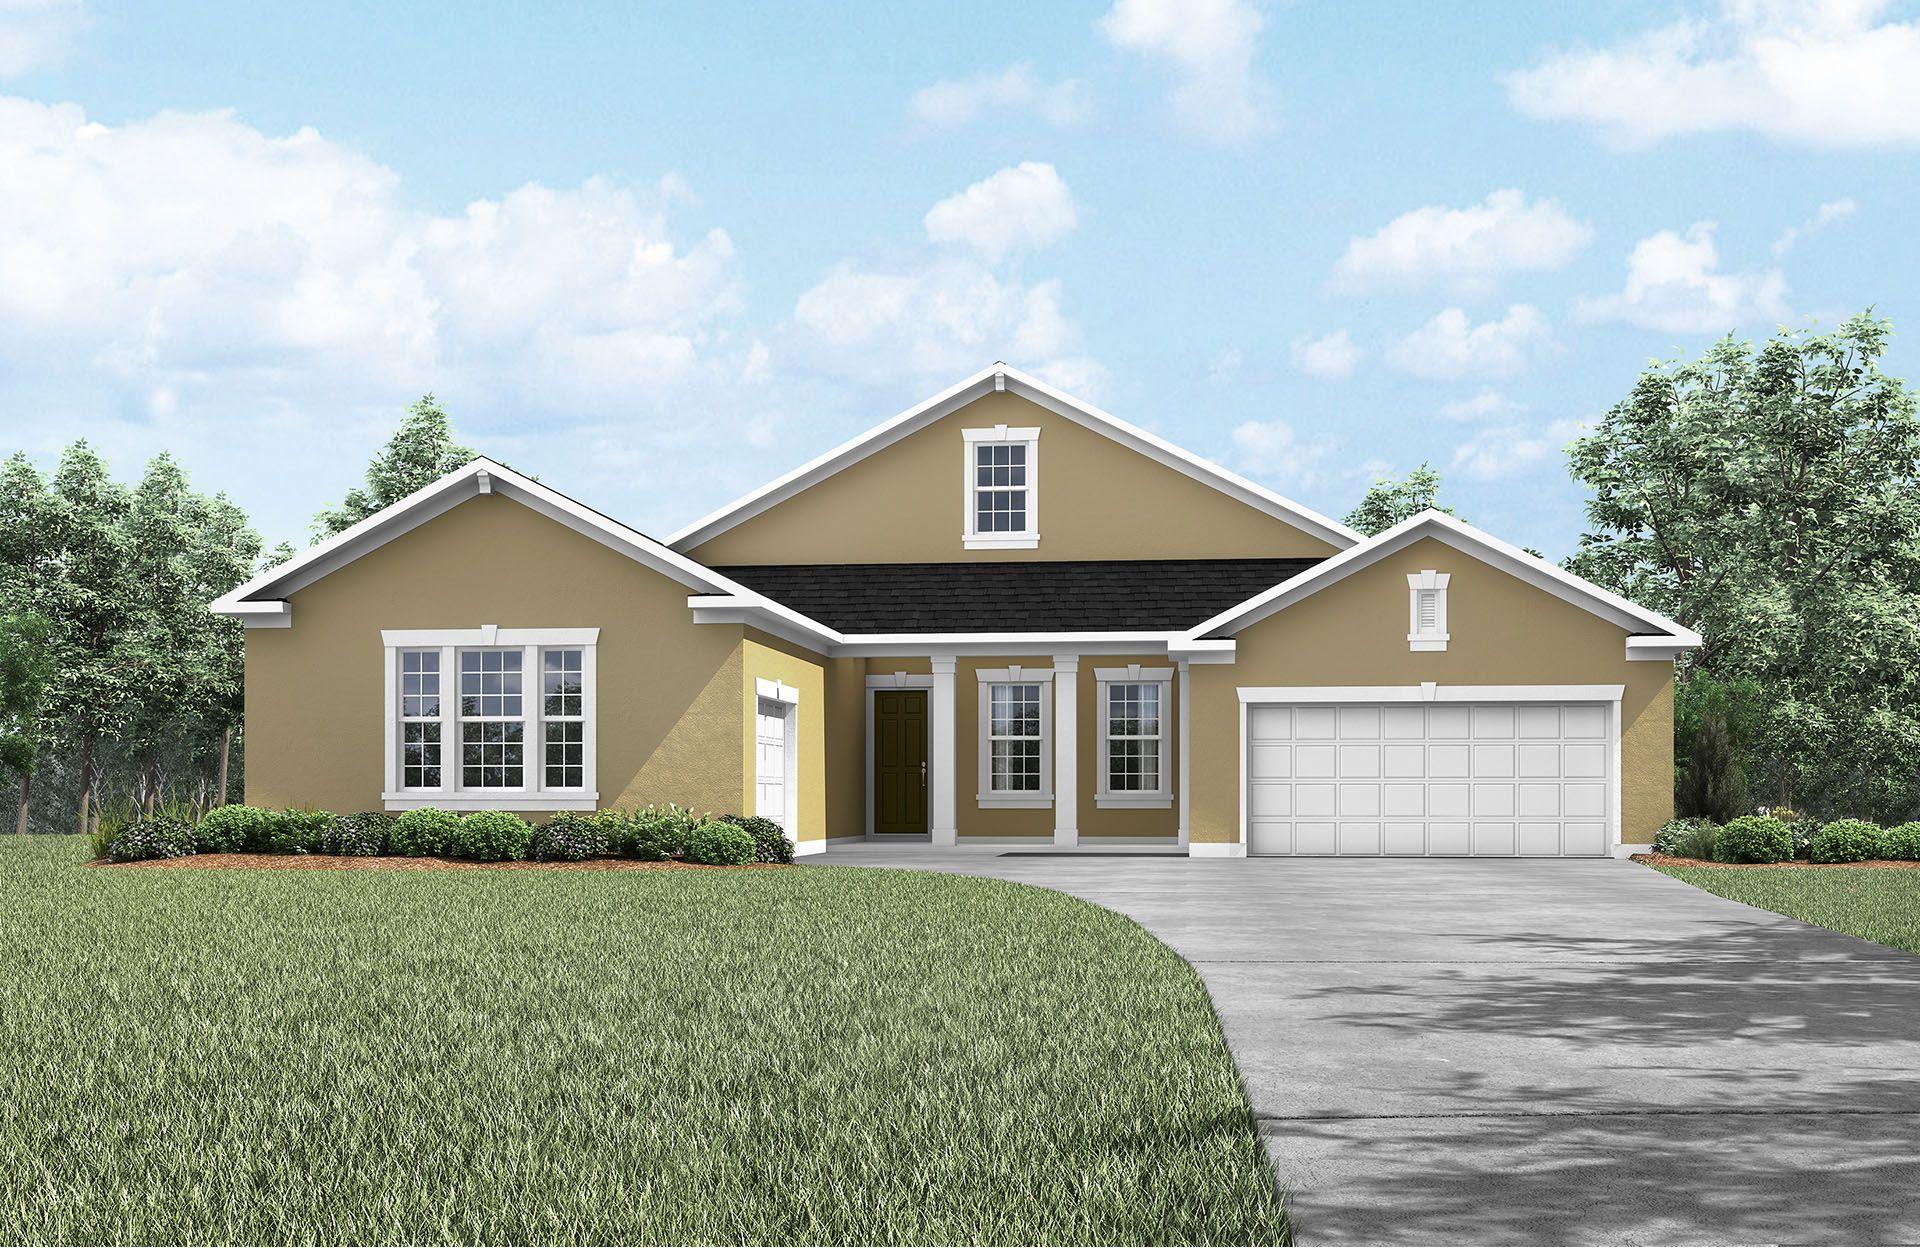 Single Family for Sale at Jacksonville Offsite - Korbett Jacksonville, Florida 32257 United States